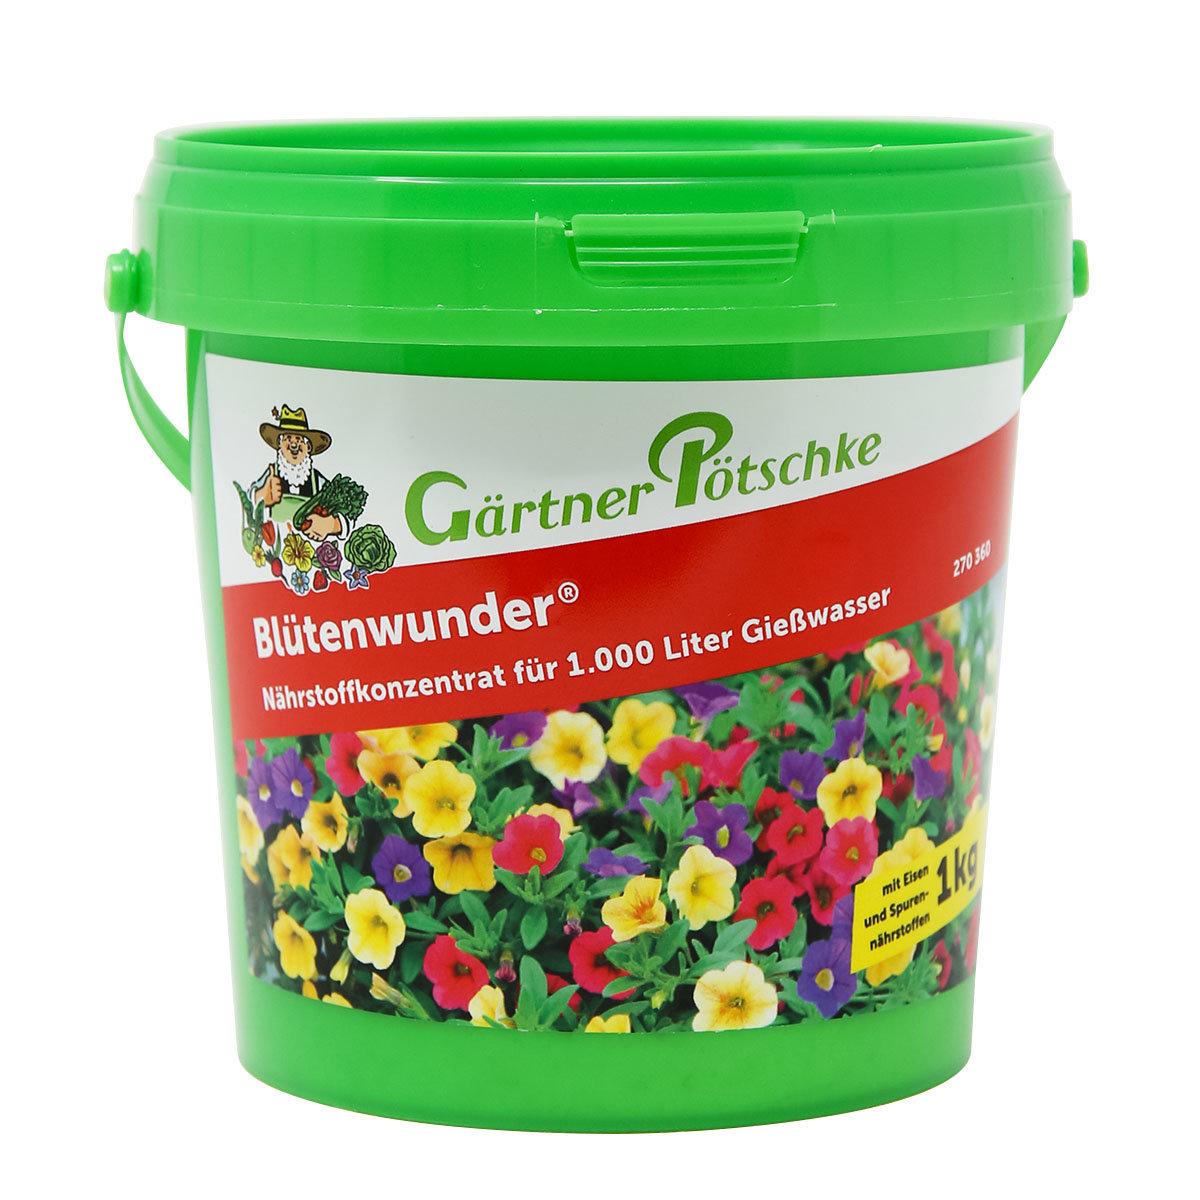 Blütenwunder Nährstoffkonzentrat, 1 kg